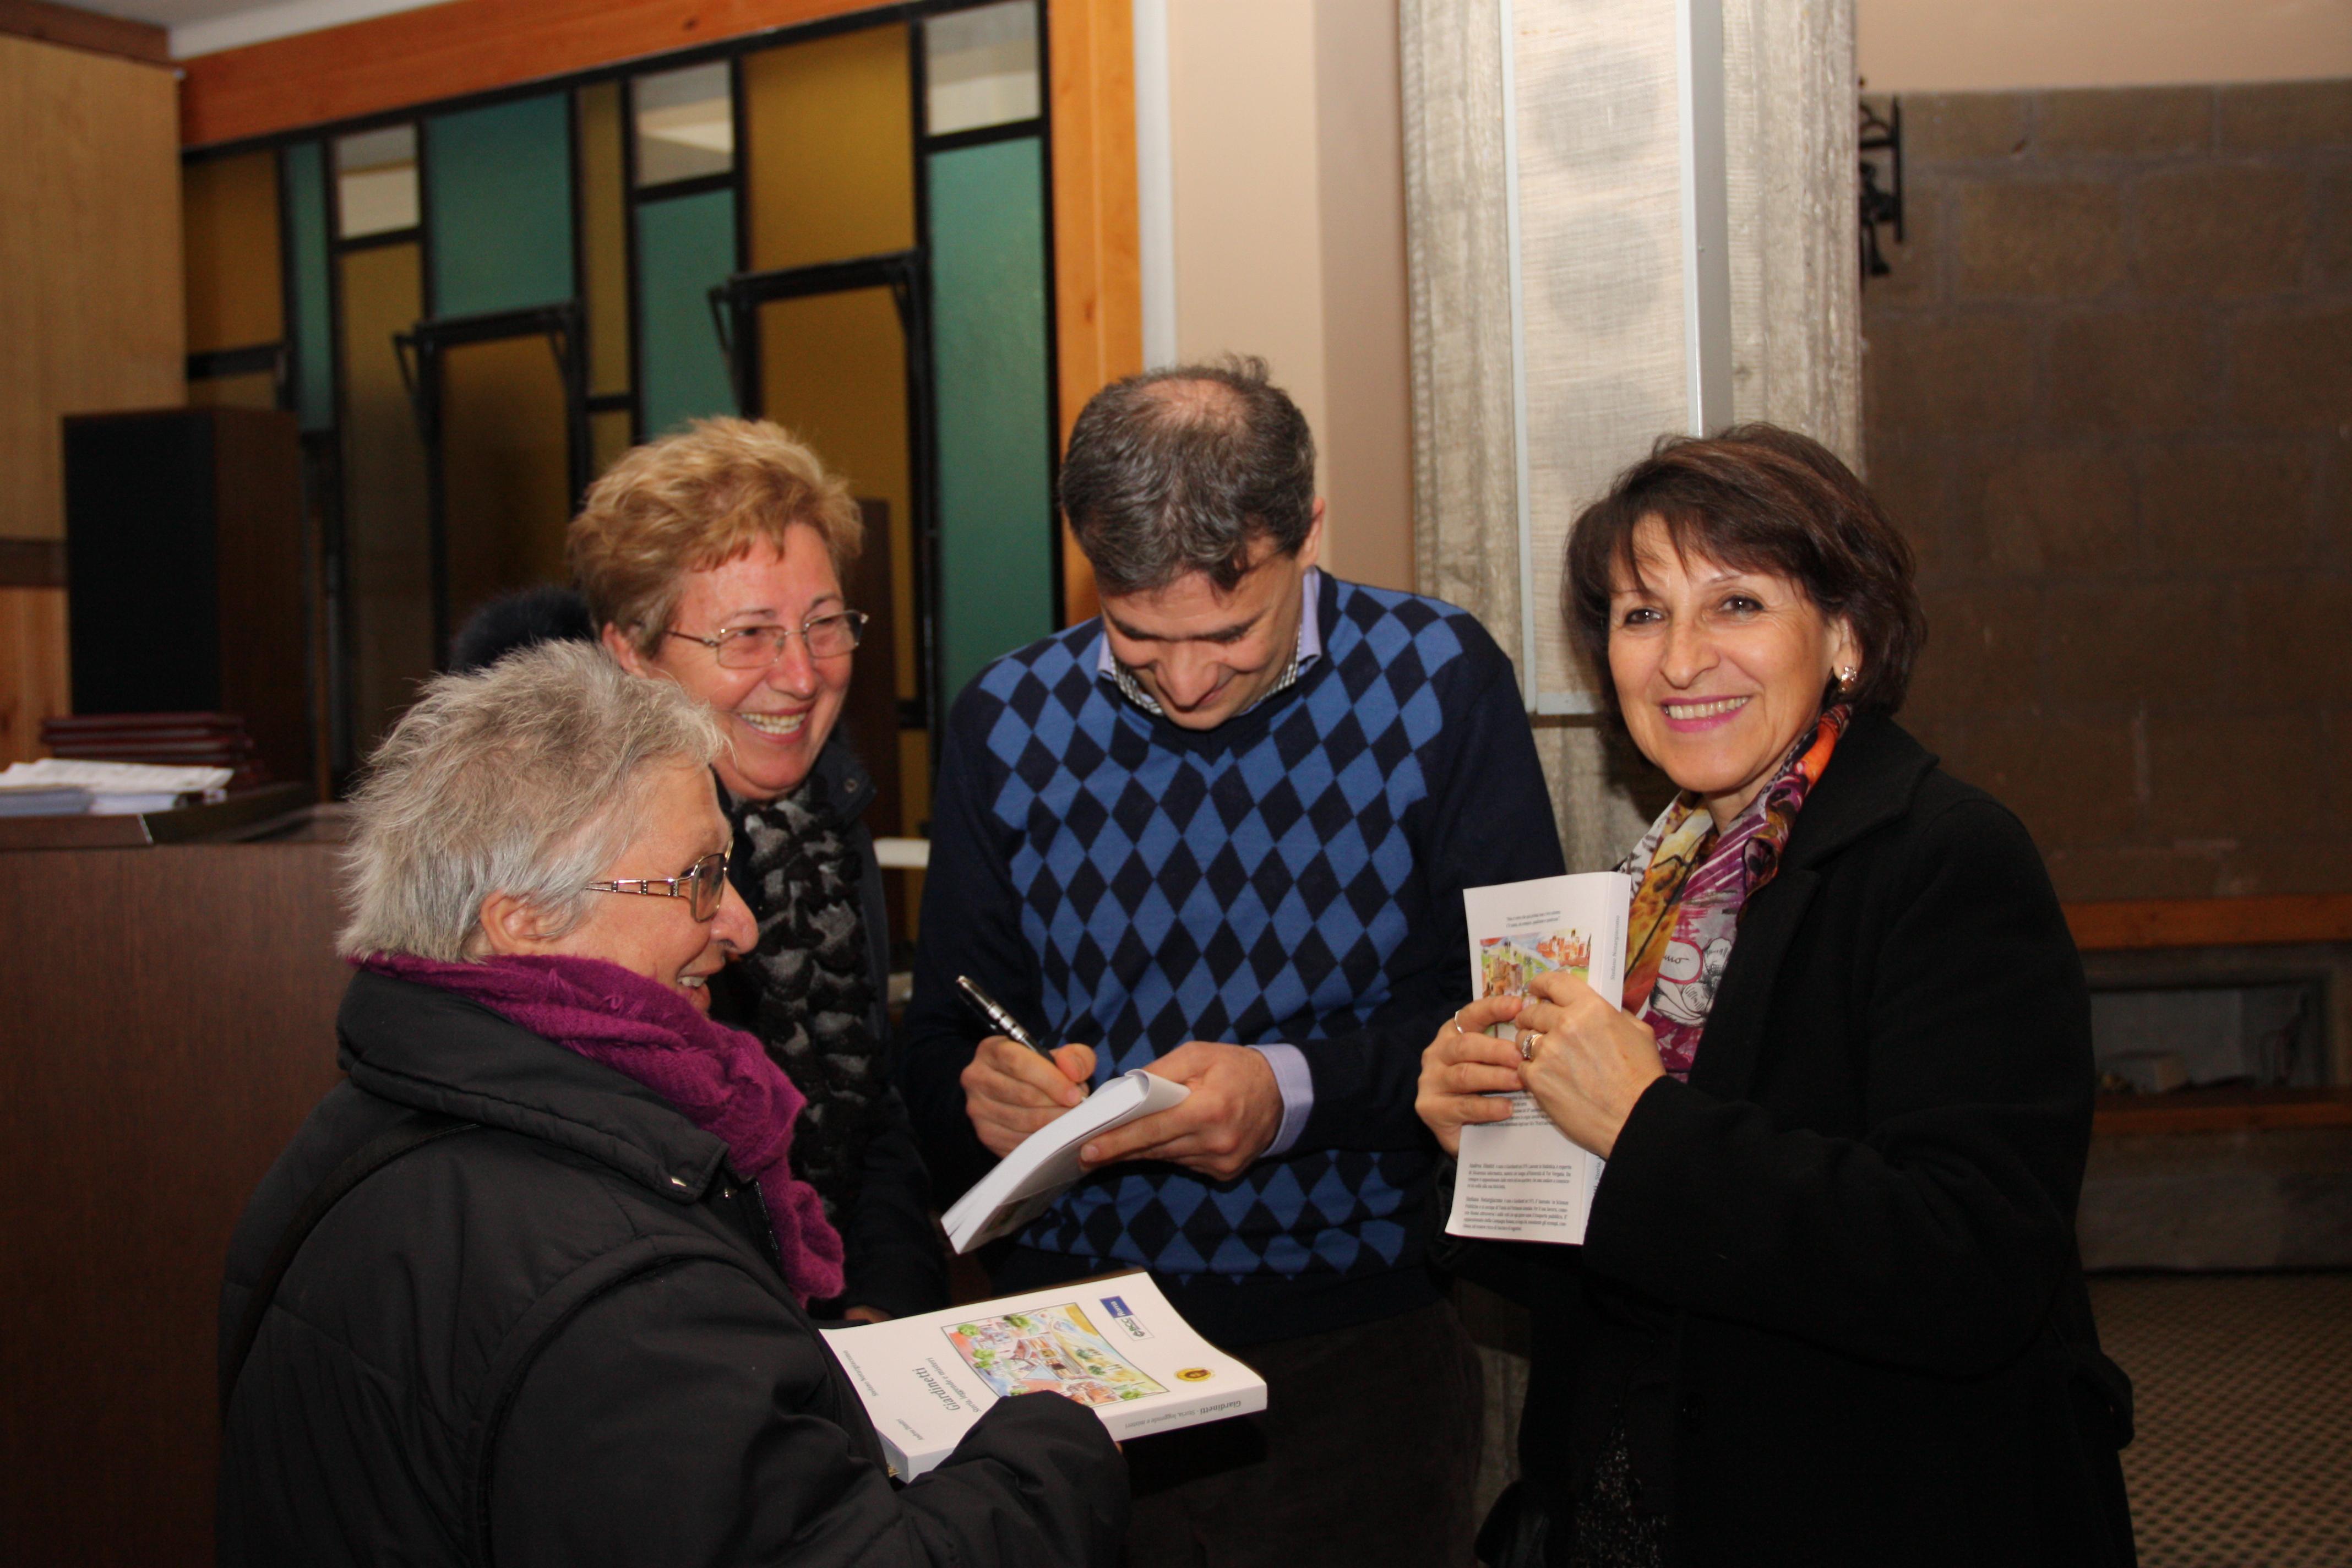 Uno dei due autori firma le copie ad alcune signore di Giardinetti.